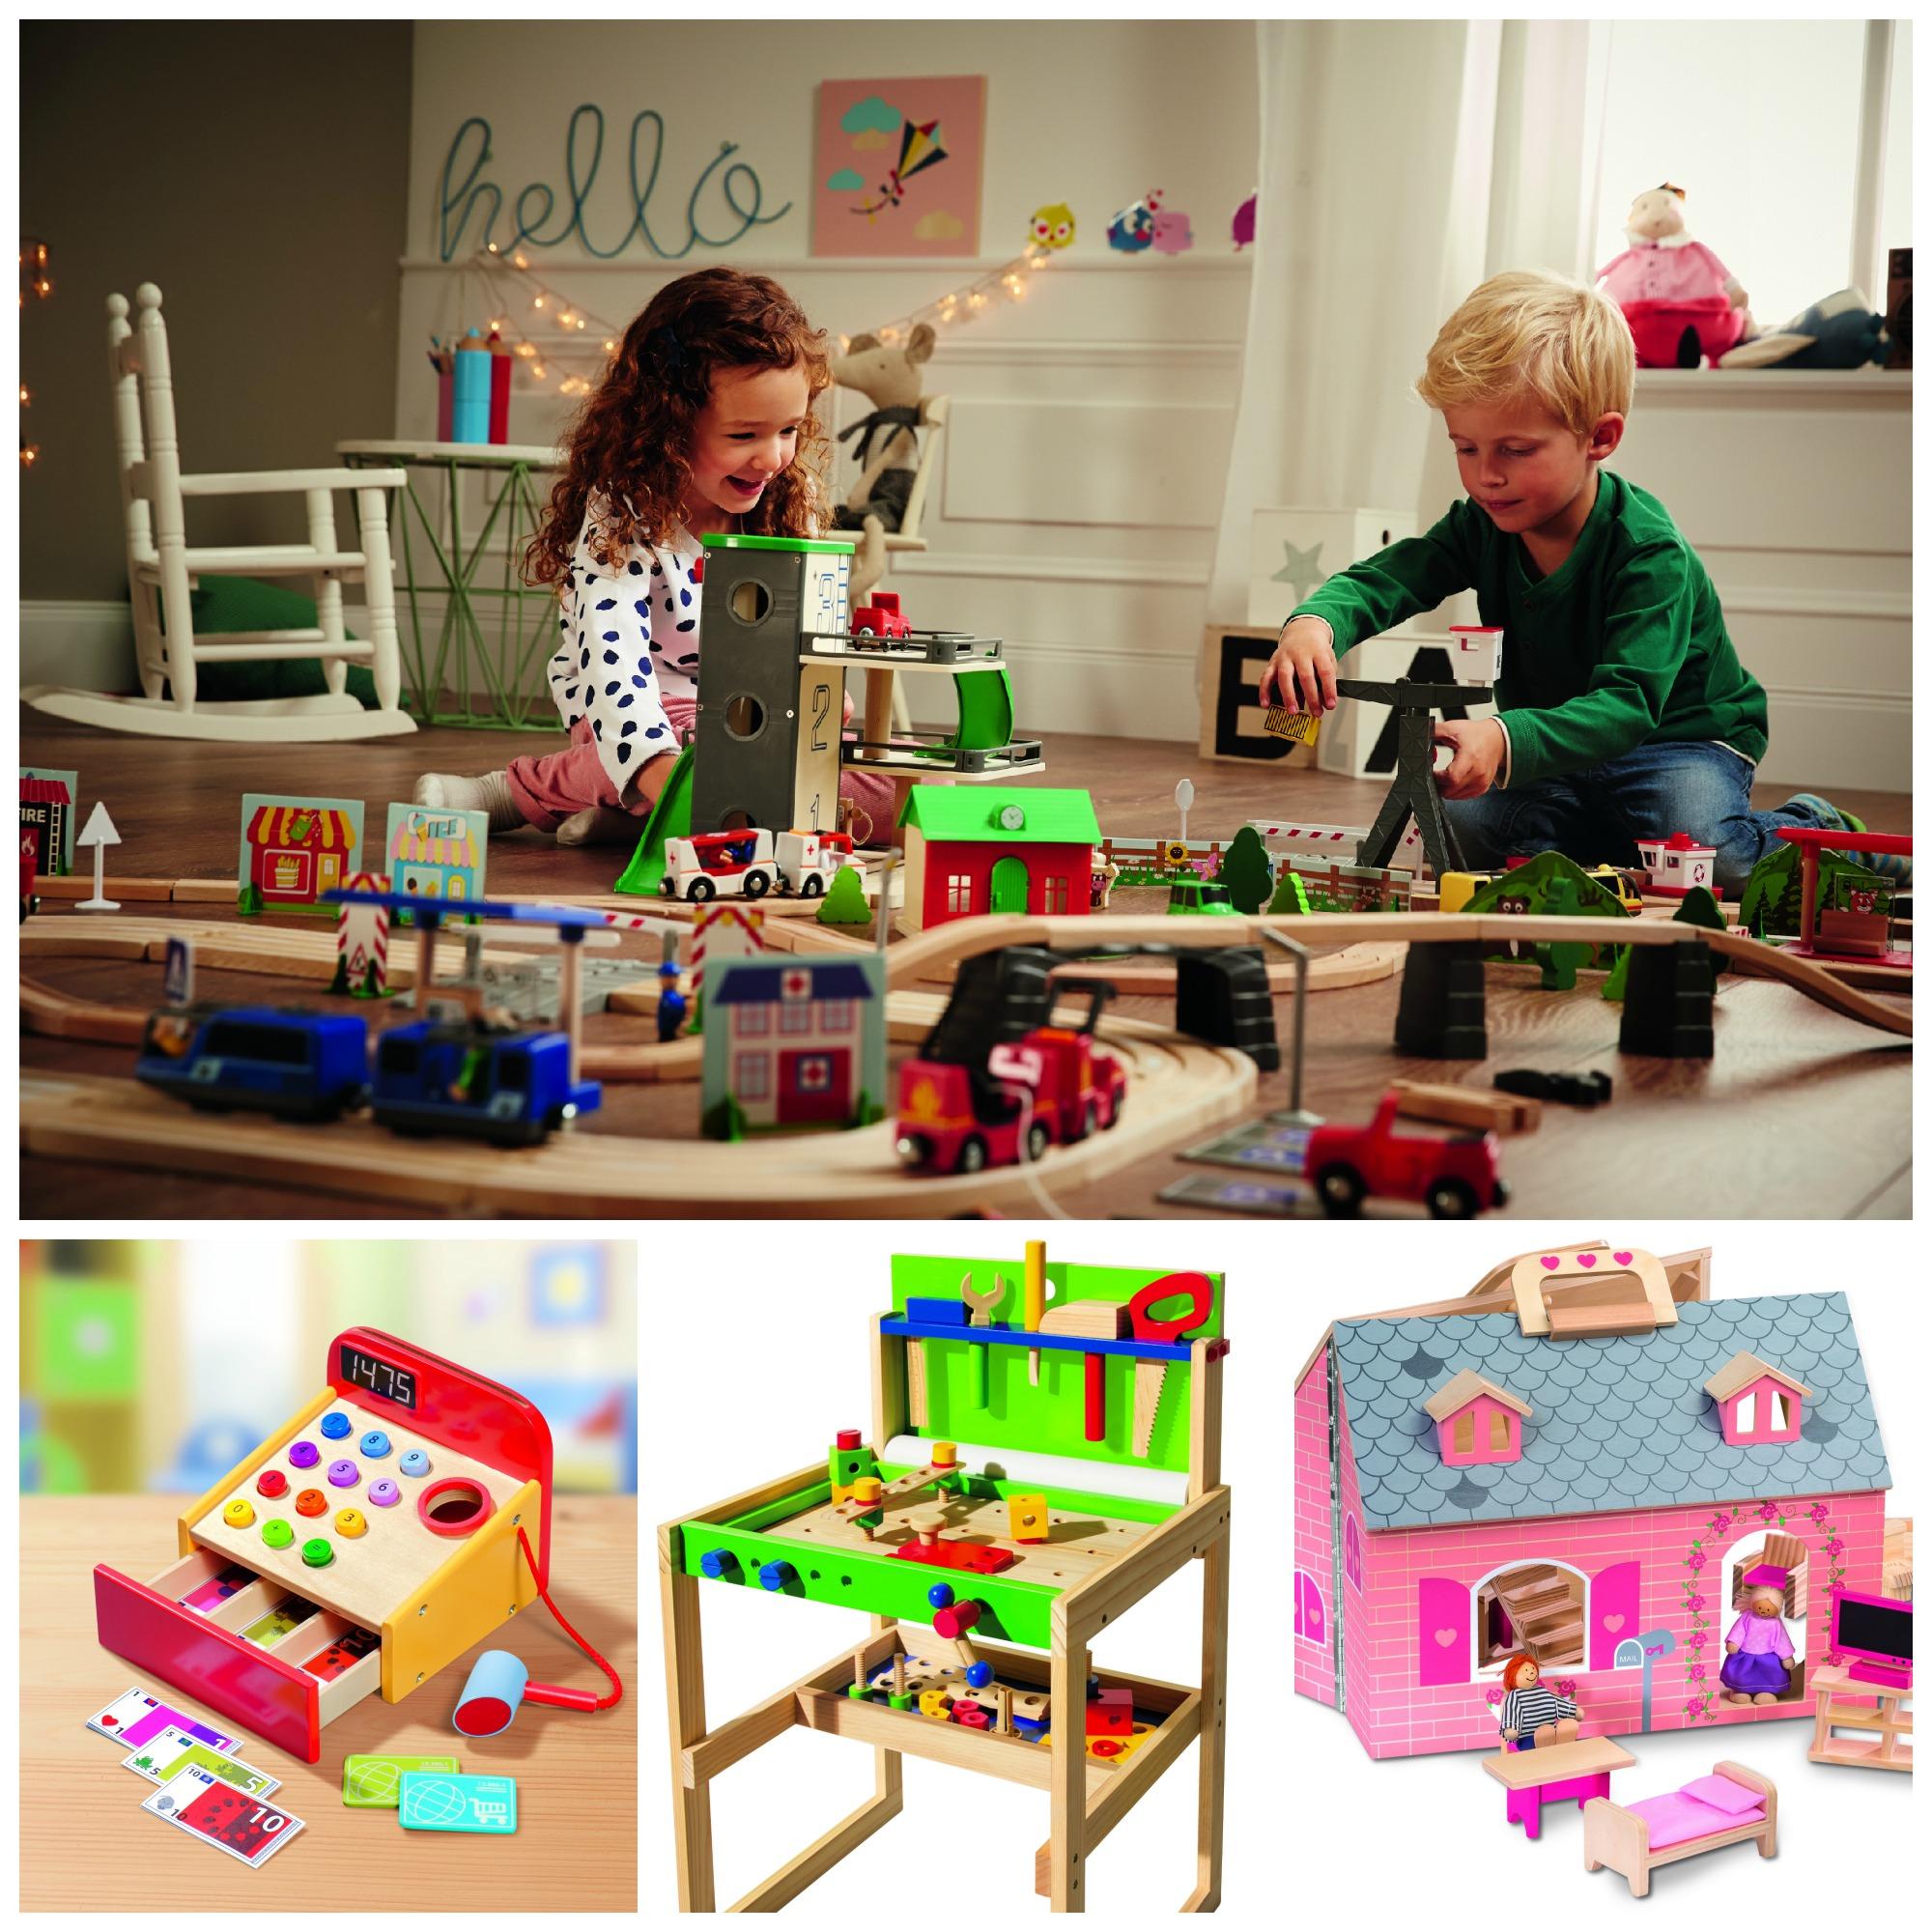 Maison En Bois Lidl : Les jolis jouets en bois Lidl [+Concours] Expressions d'Enfants